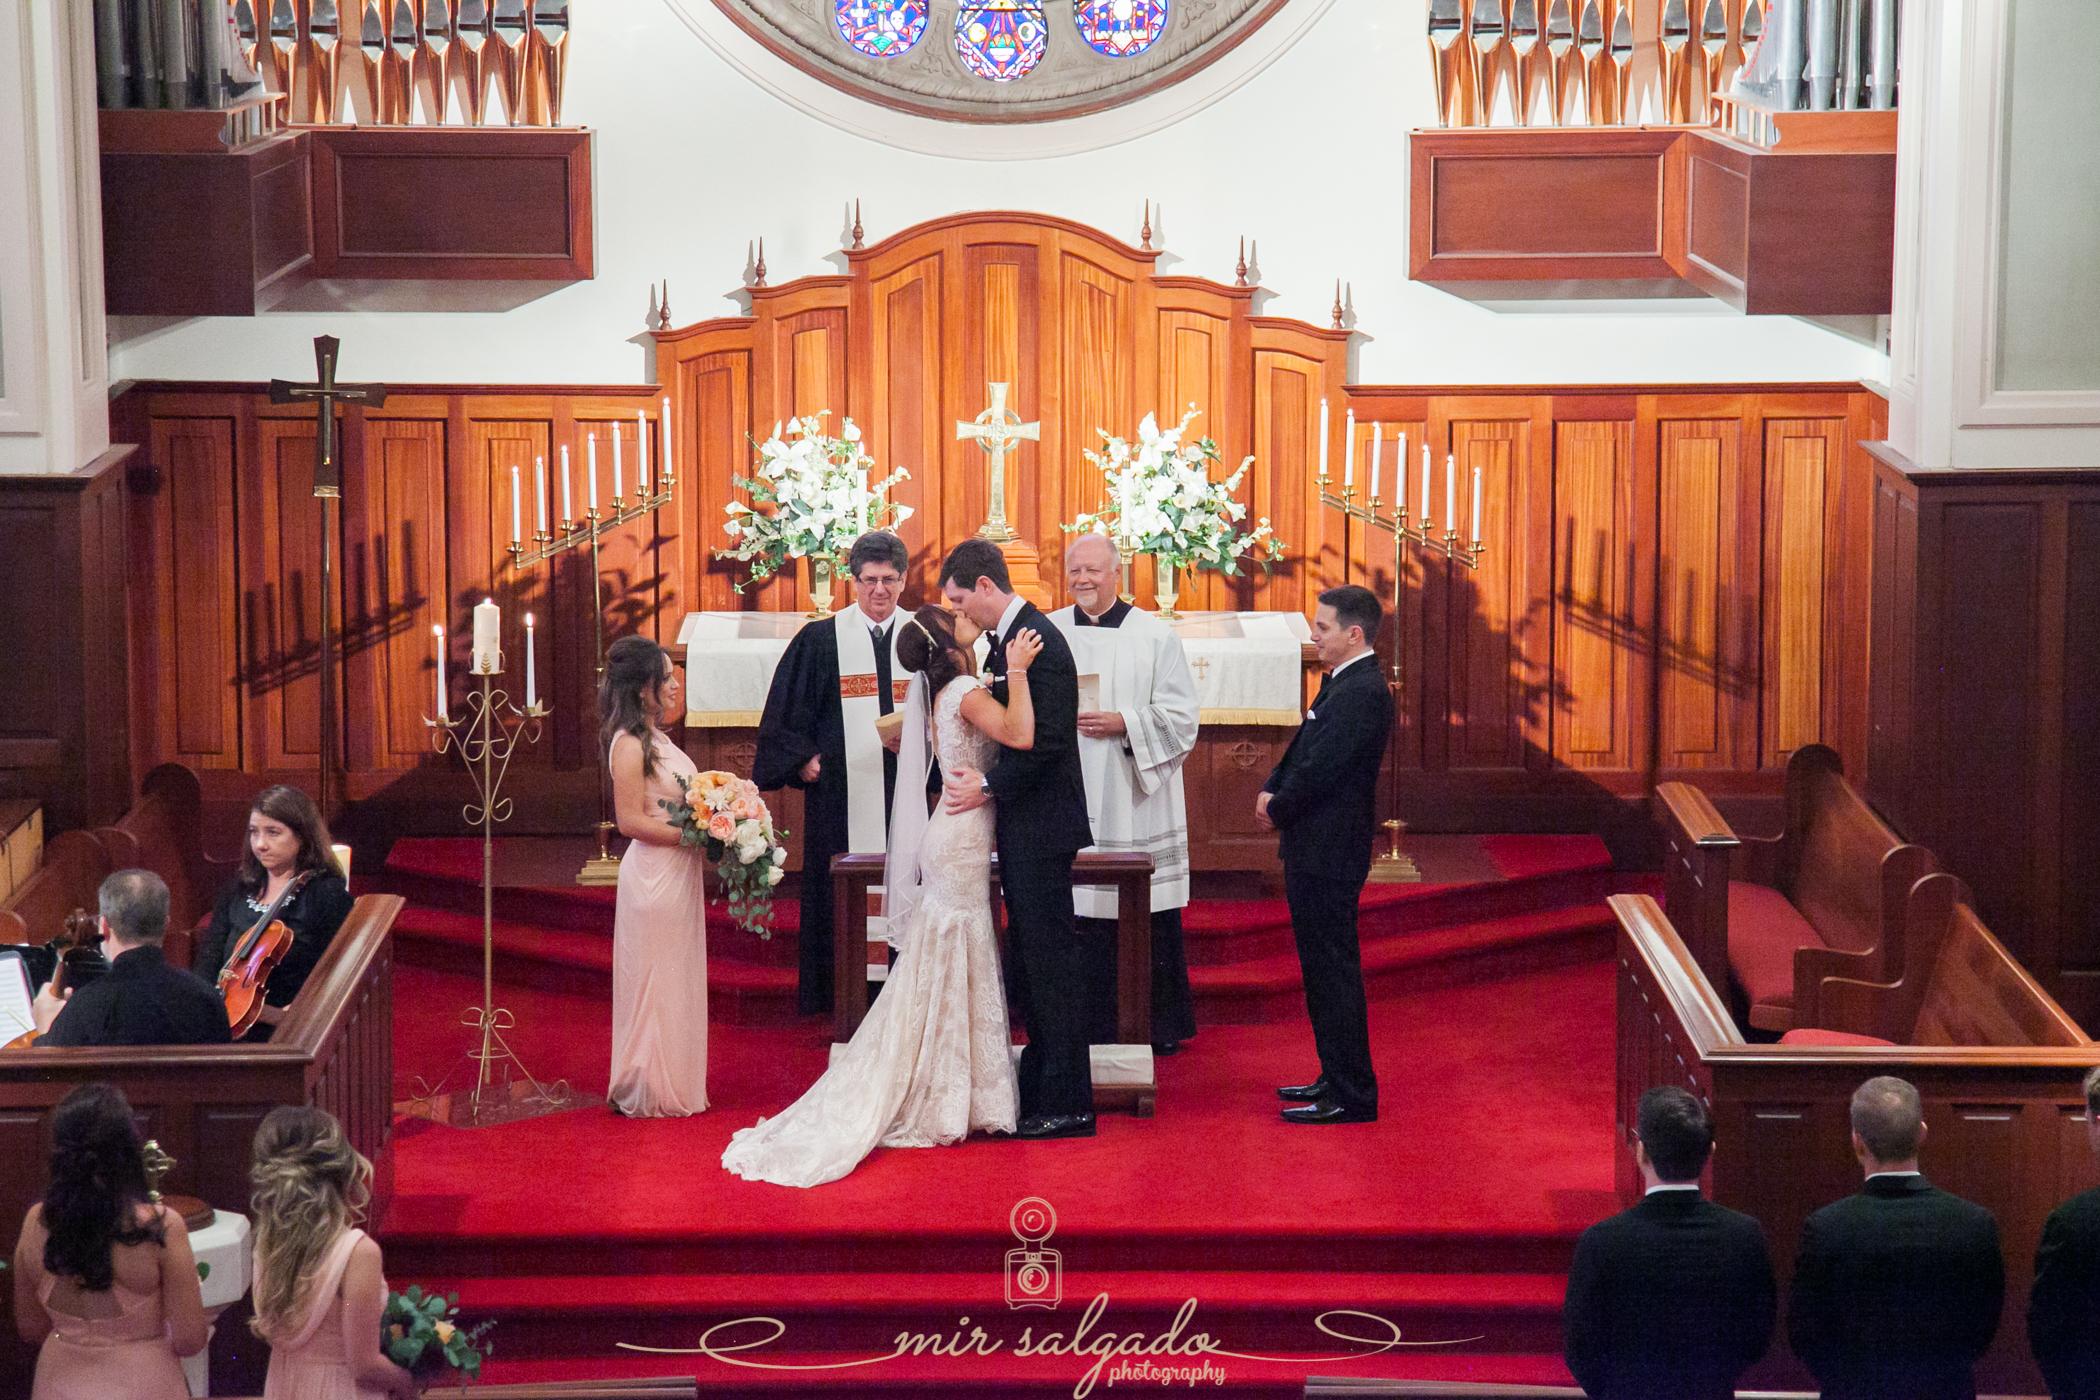 Tampa-religious-wedding-photo, Tampa-wedding-photo